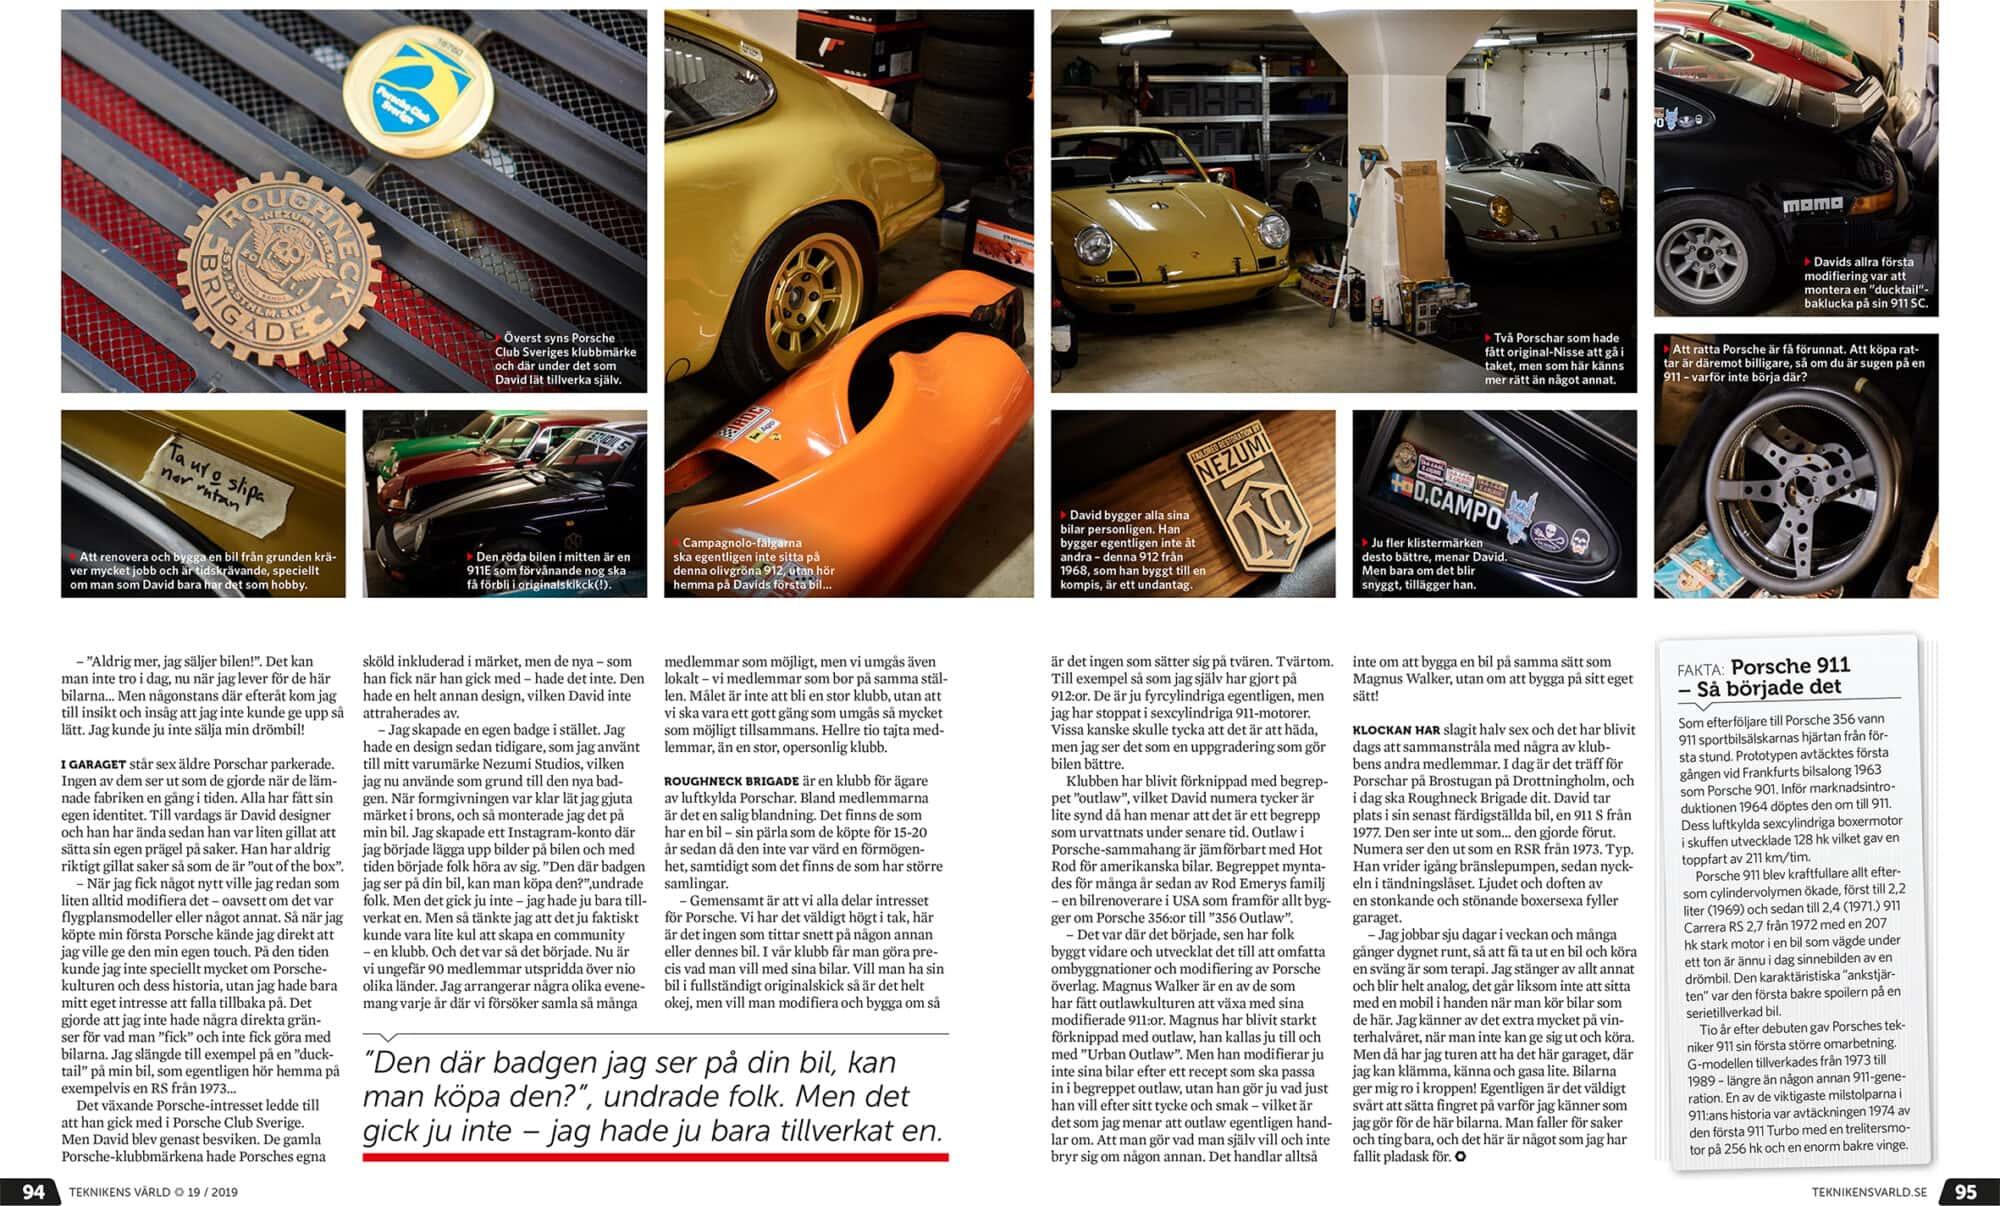 Roughneck Brigade a classic Porsche club by Nezumi Studios